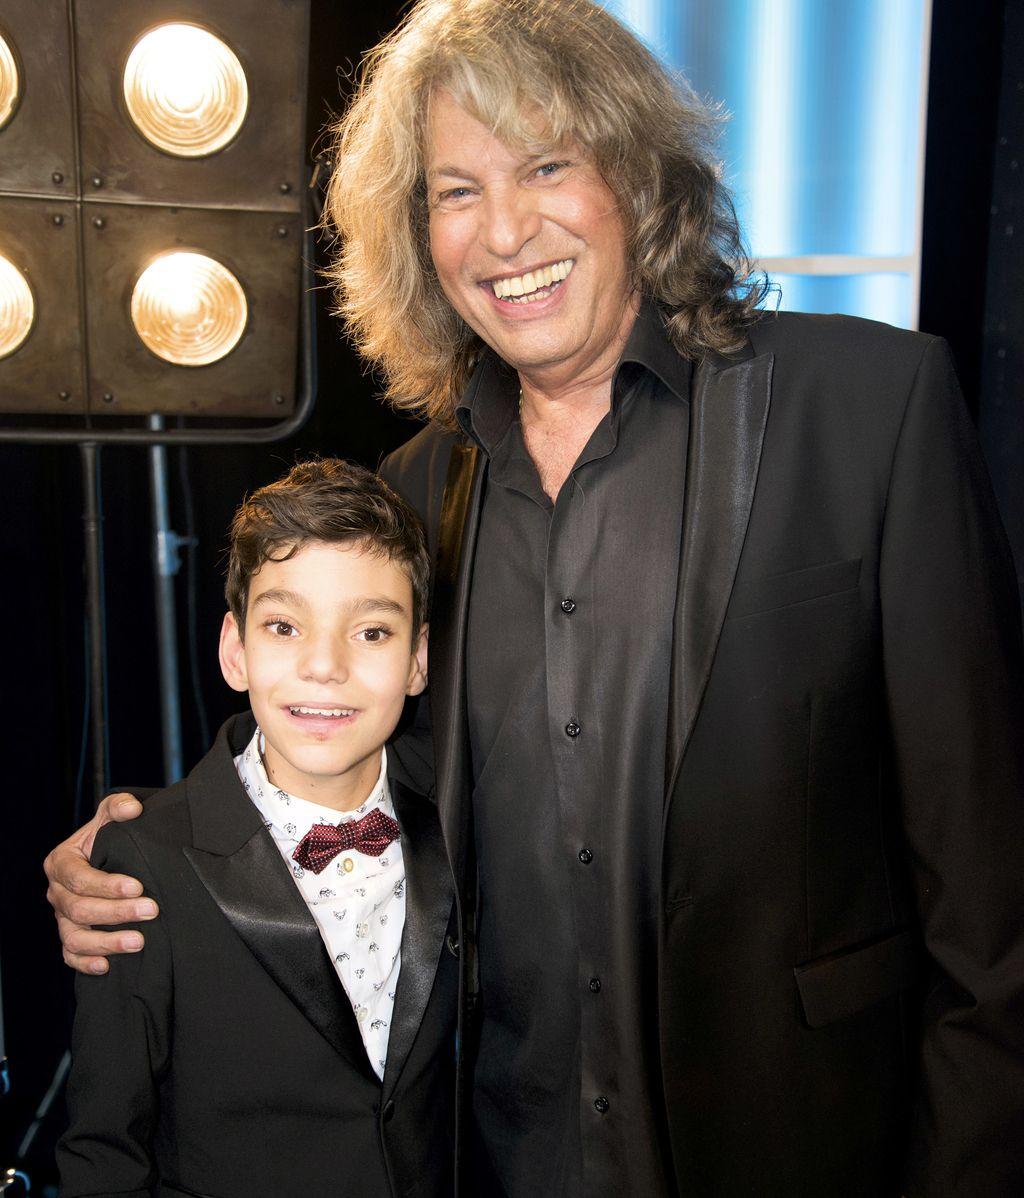 Adrián Martín y José Mercé, especial musical de Telecinco